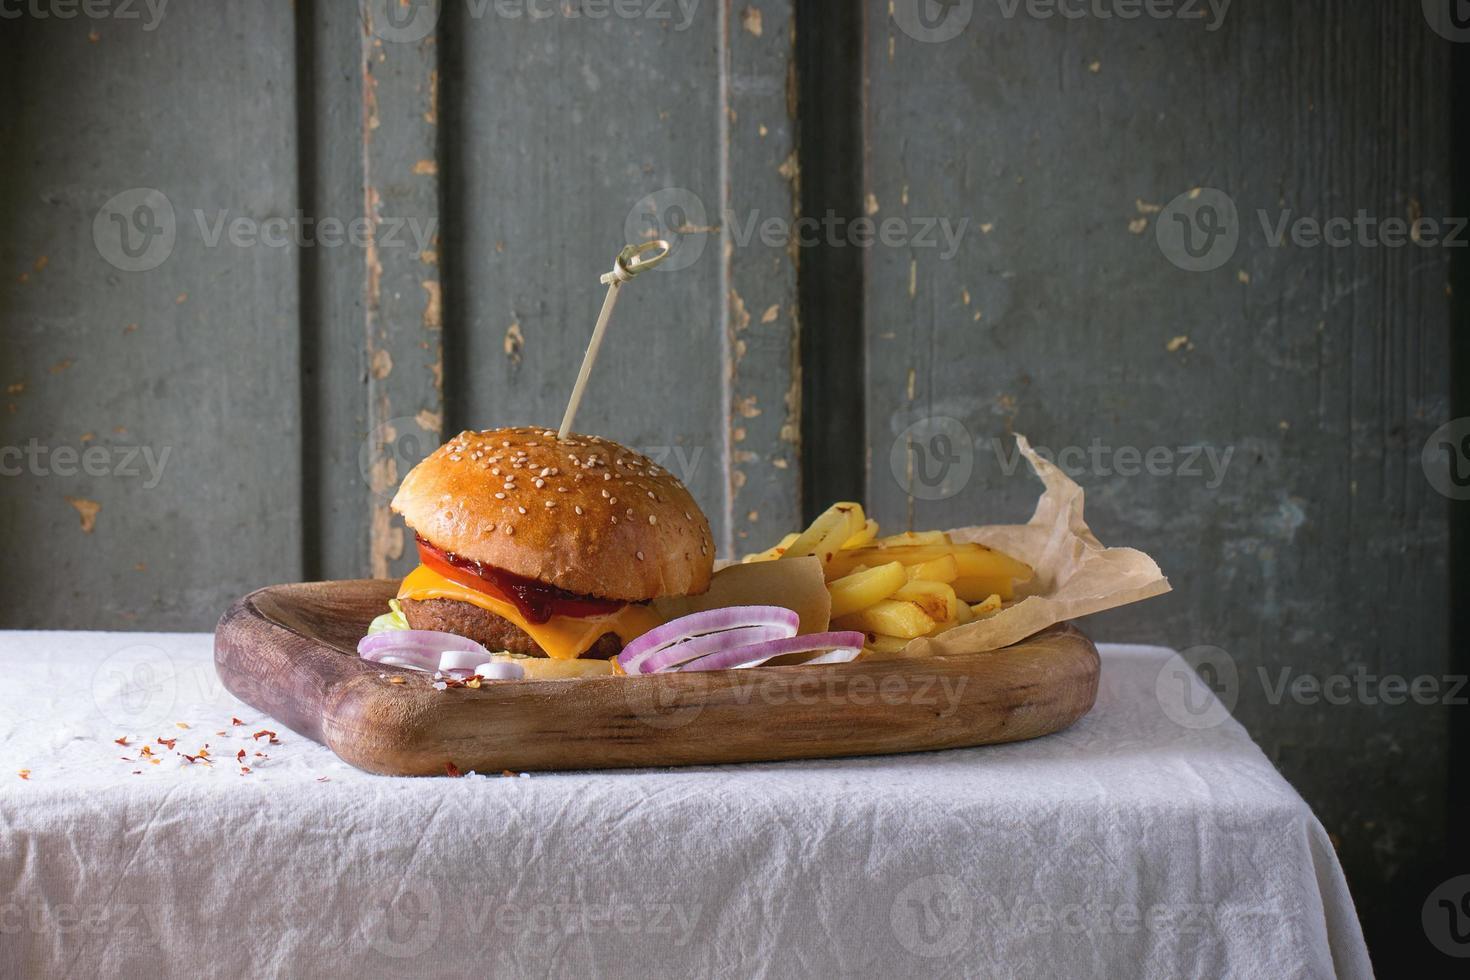 Burger and potatoes photo